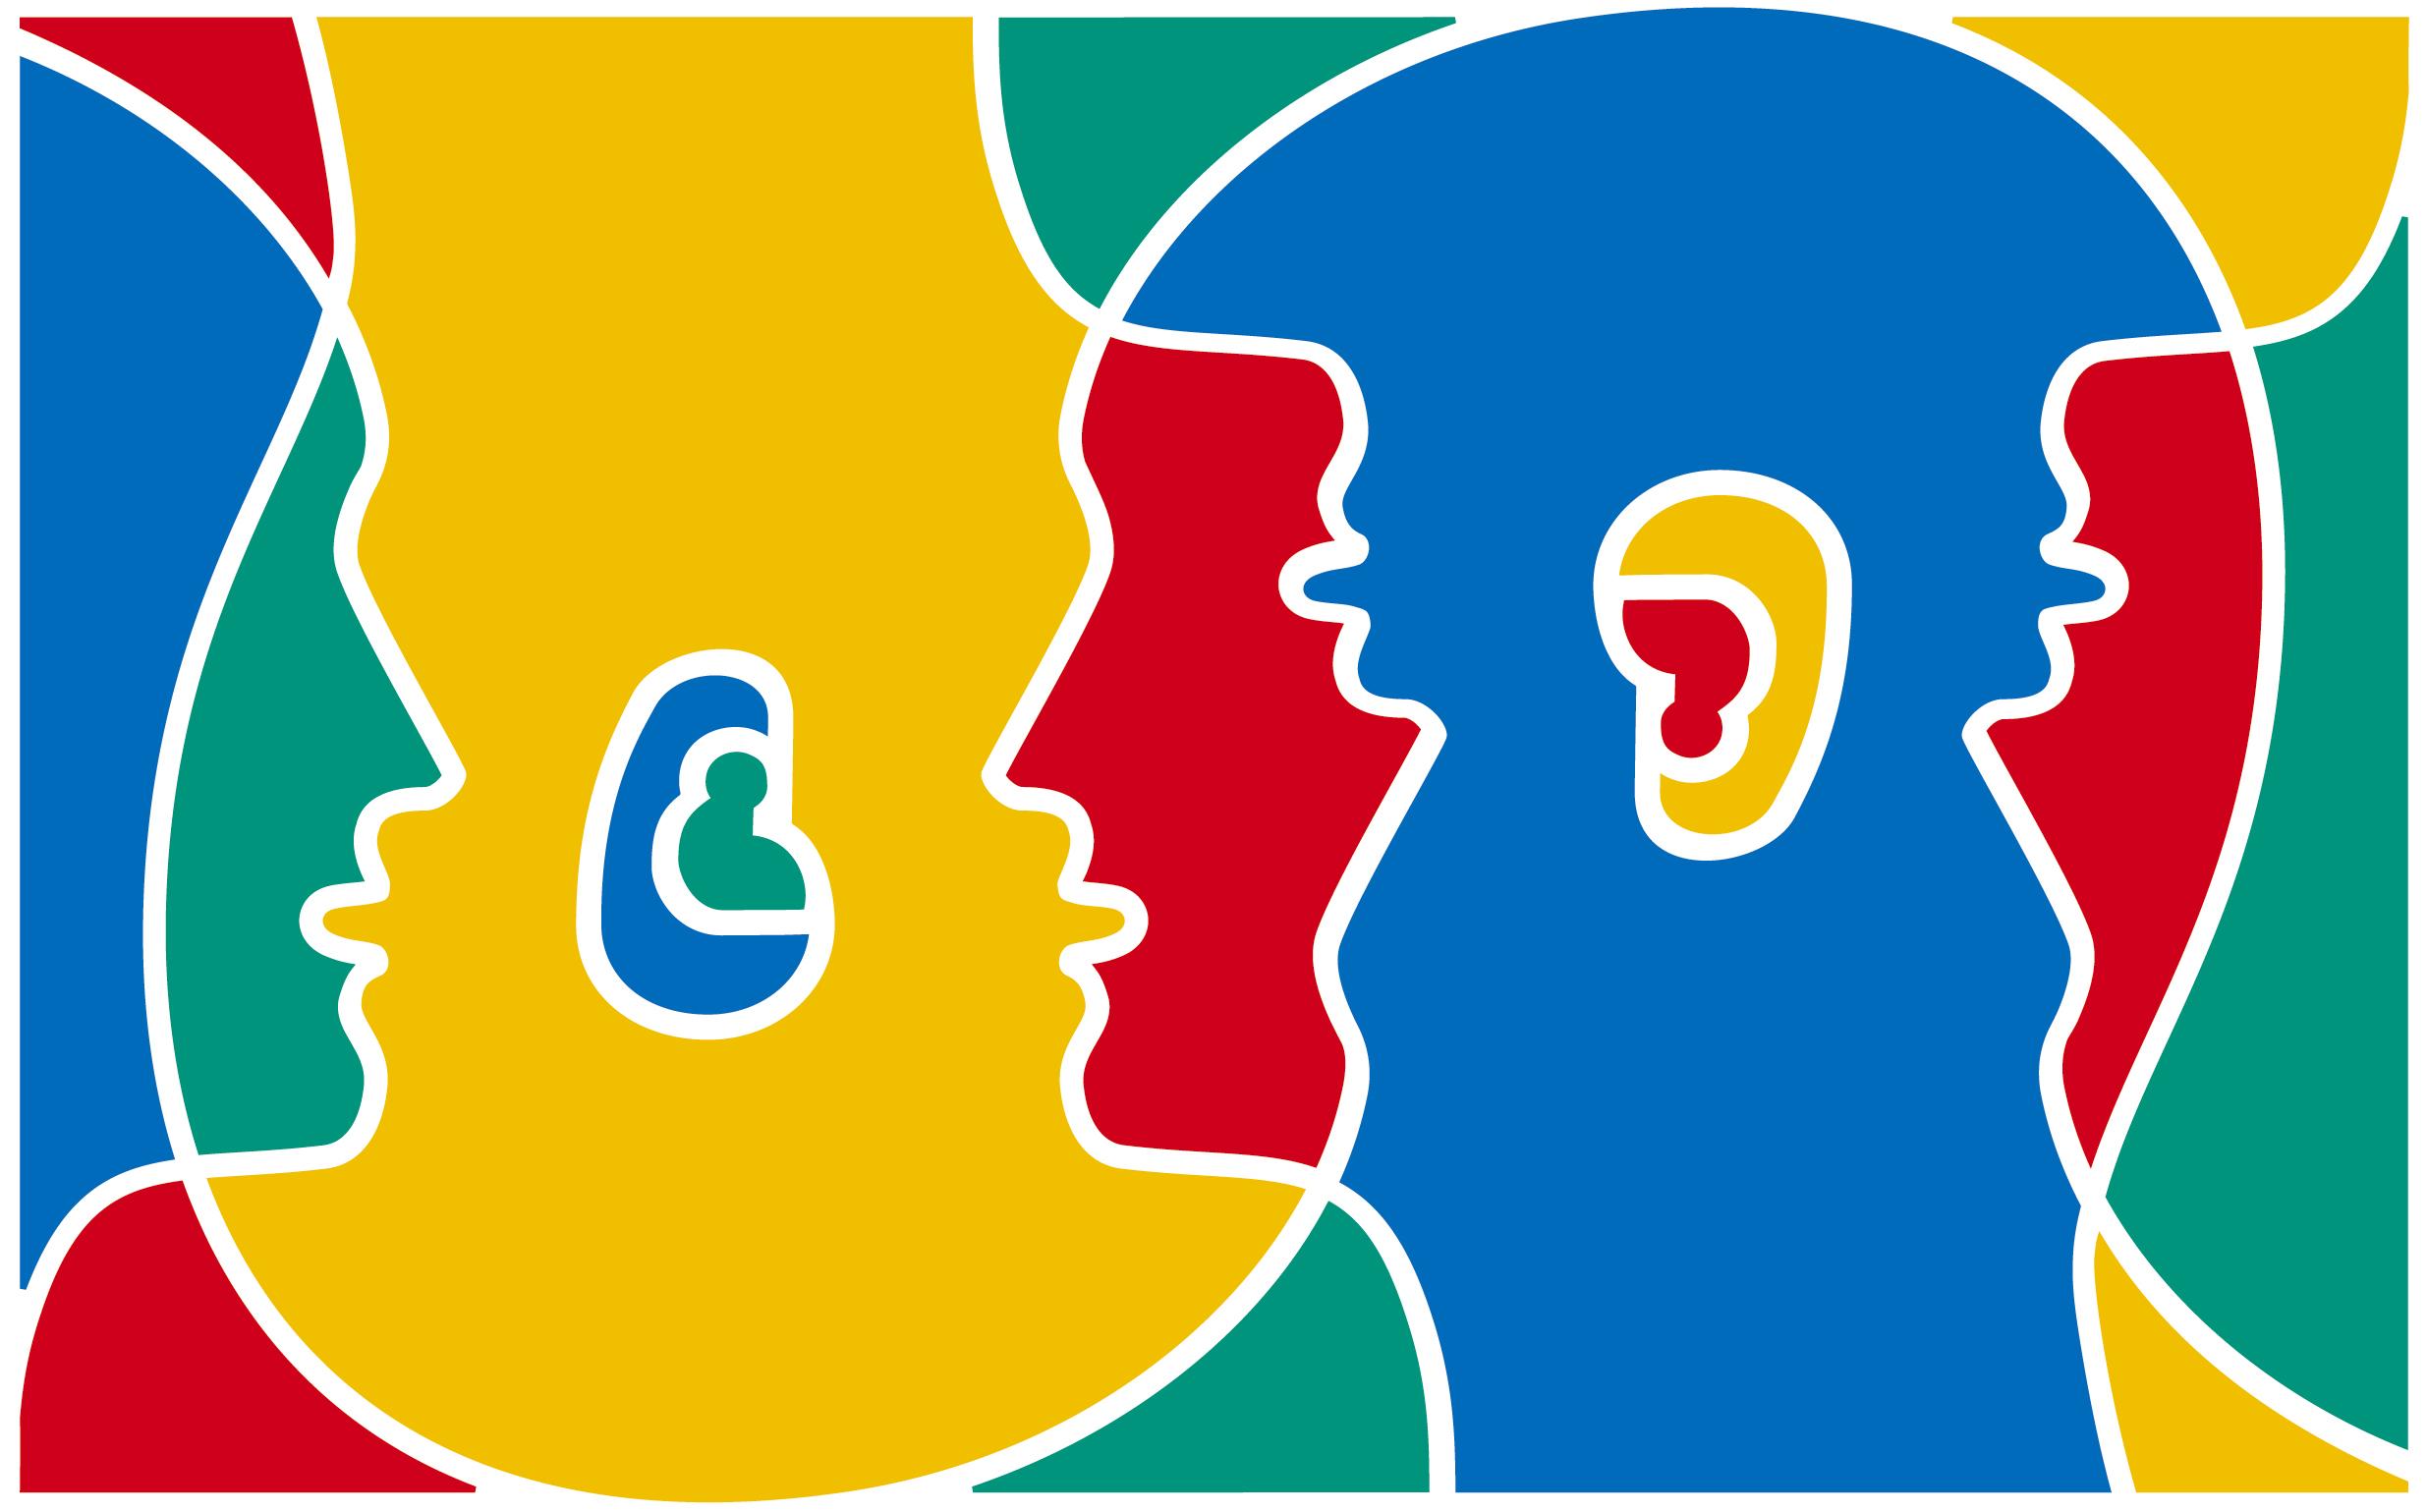 https://i2.wp.com/edl.ecml.at/Portals/33/images/EDL_Logo1.jpg